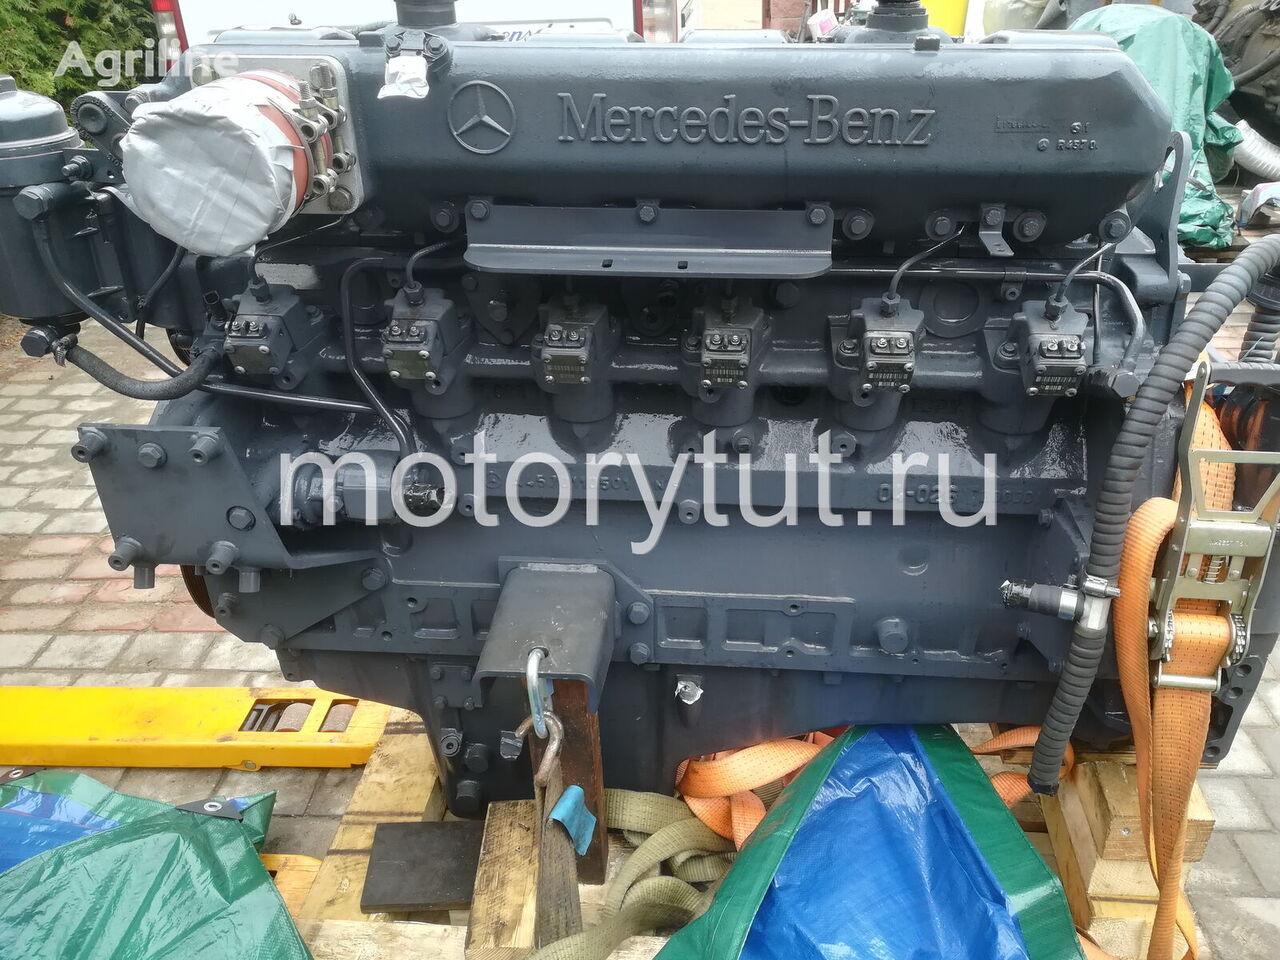 MERCEDES-BENZ OM 457 (458.970/ 458.980) engine for CLAAS Jaguar grain harvester